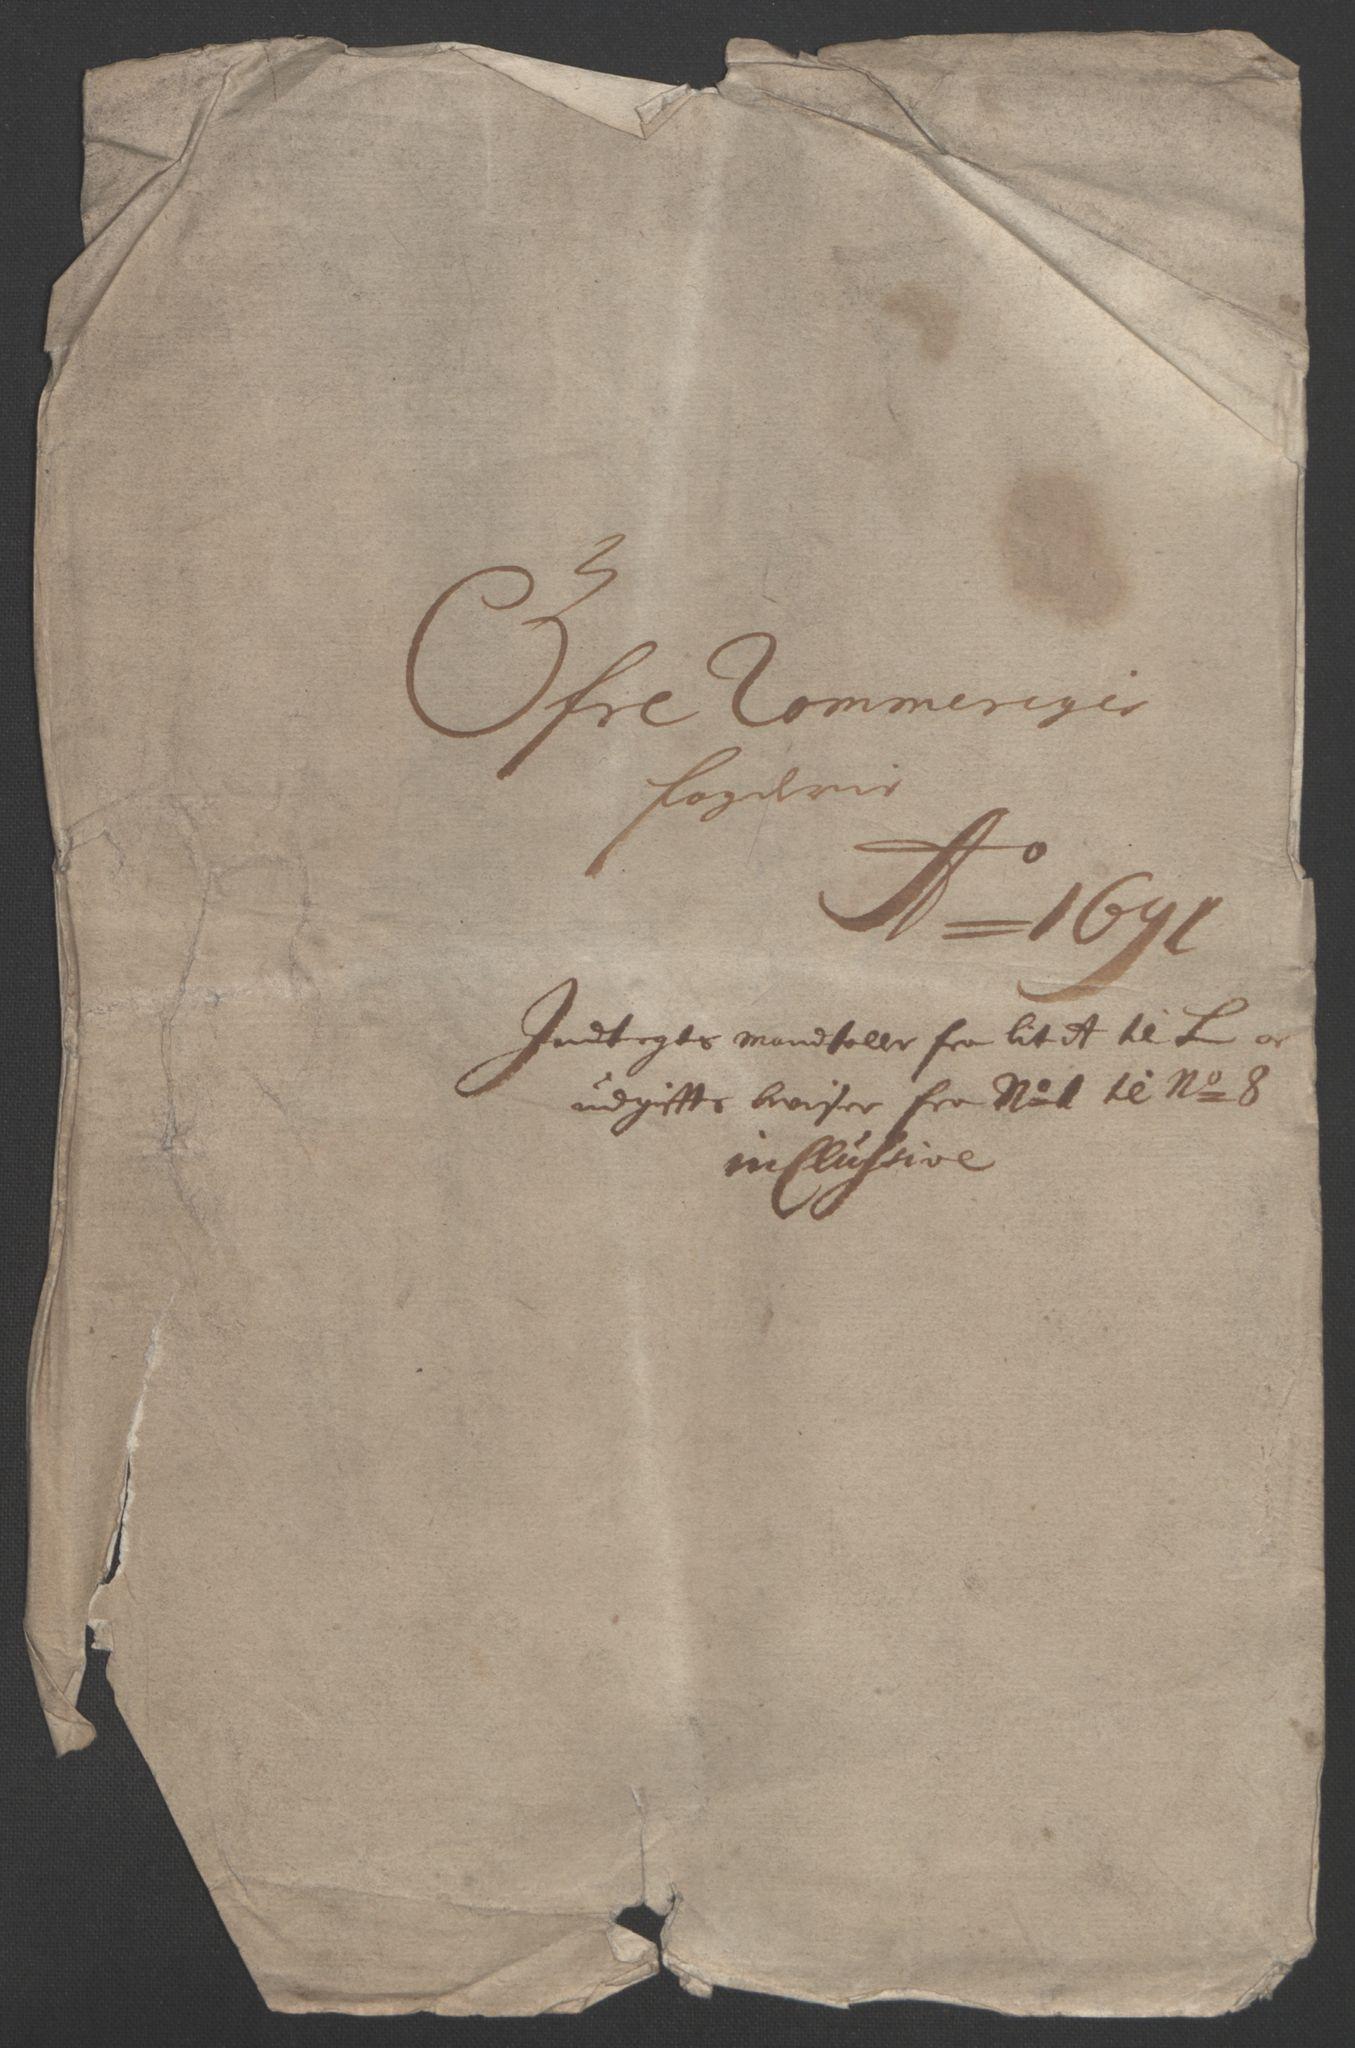 RA, Rentekammeret inntil 1814, Reviderte regnskaper, Fogderegnskap, R12/L0703: Fogderegnskap Øvre Romerike, 1691, s. 256